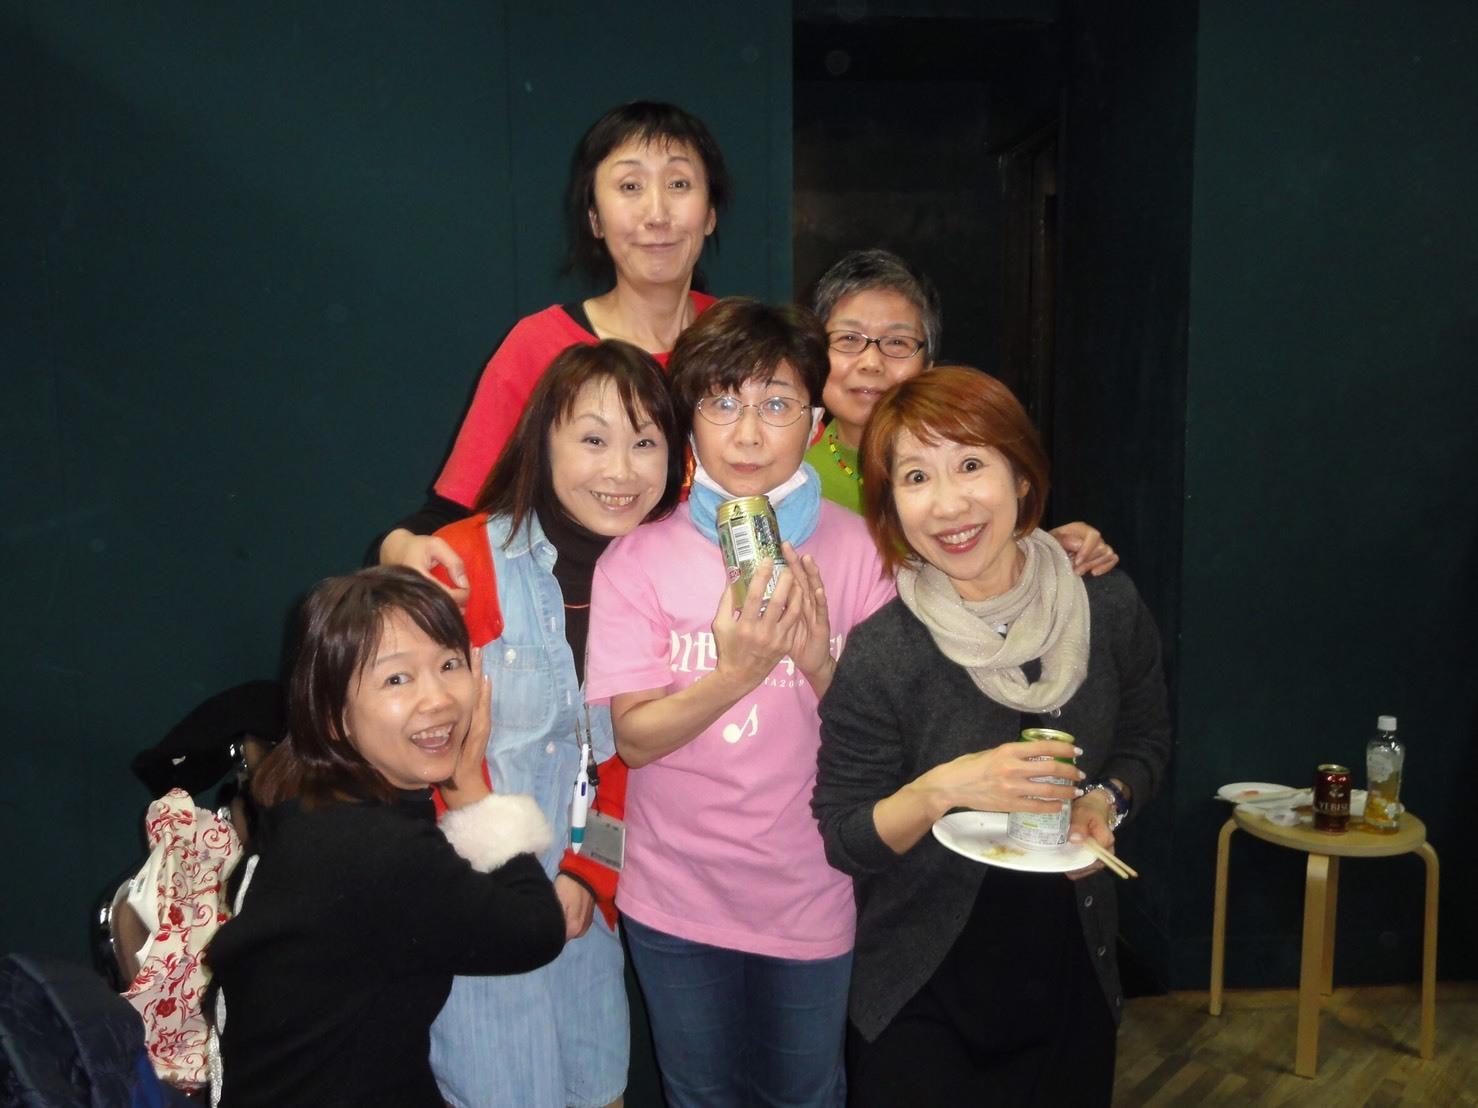 オオタスセリ企画☆「楽園」ライブ Vol.22 _a0163623_21535896.jpg